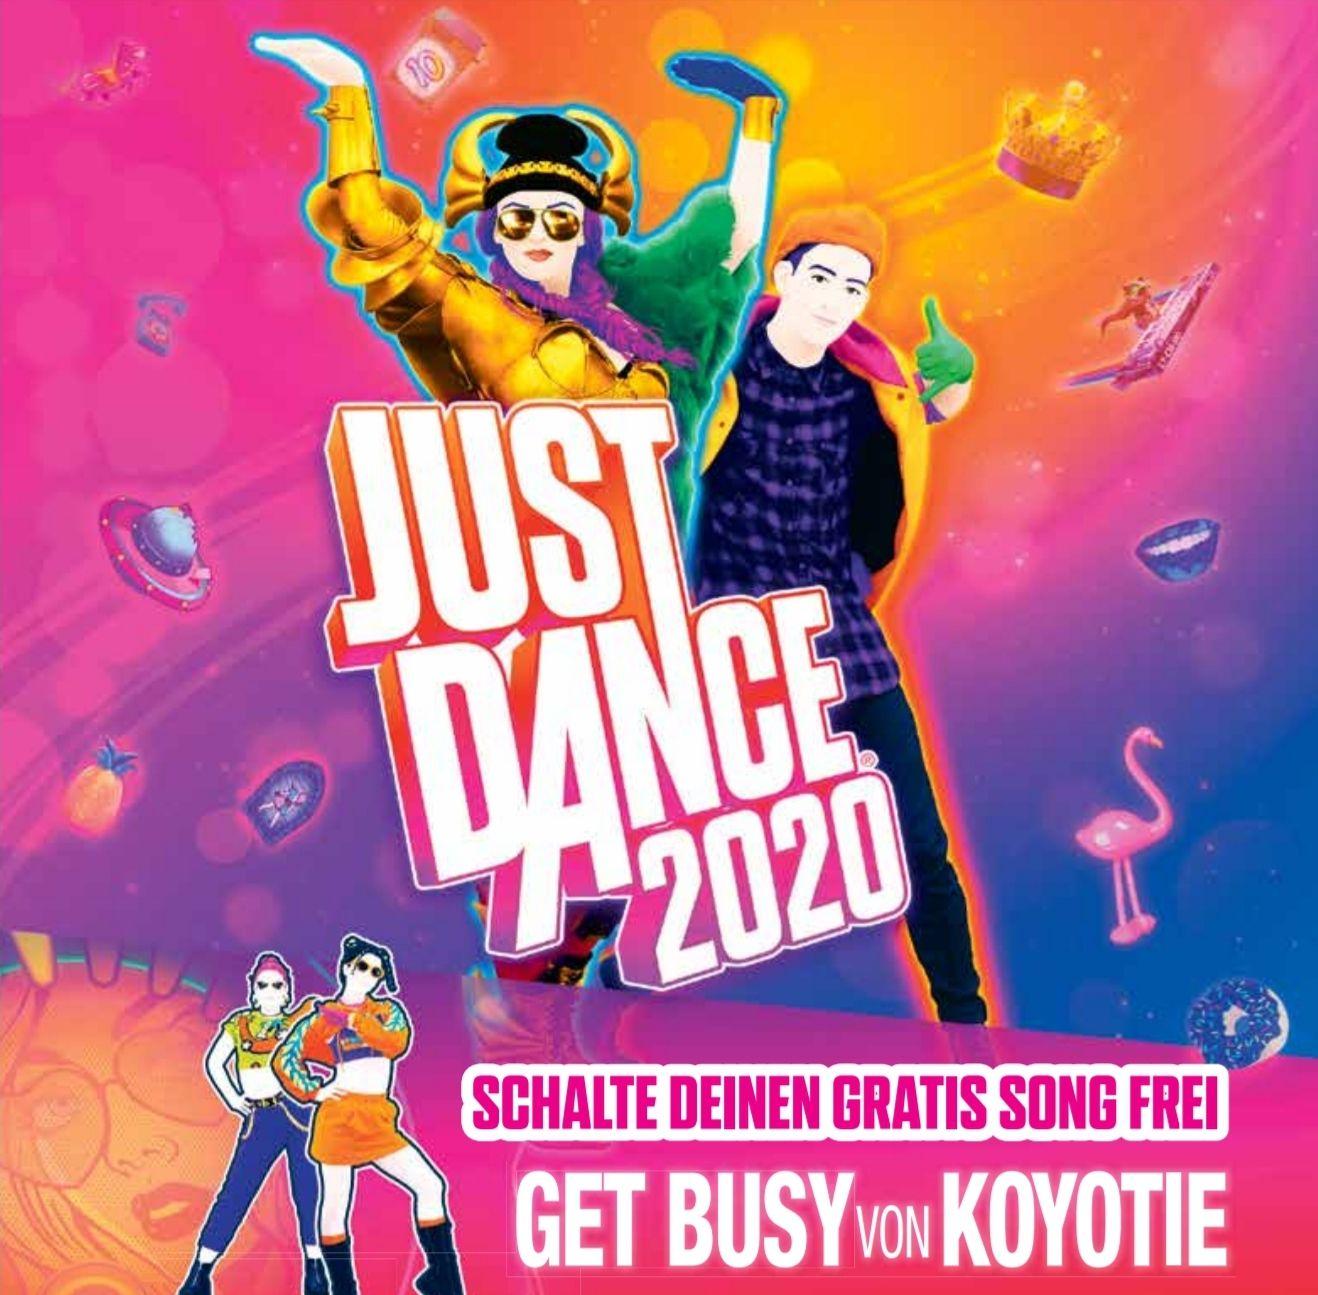 [Just Dance 2020] Kostenloser Song: Get Busy von Koyotie